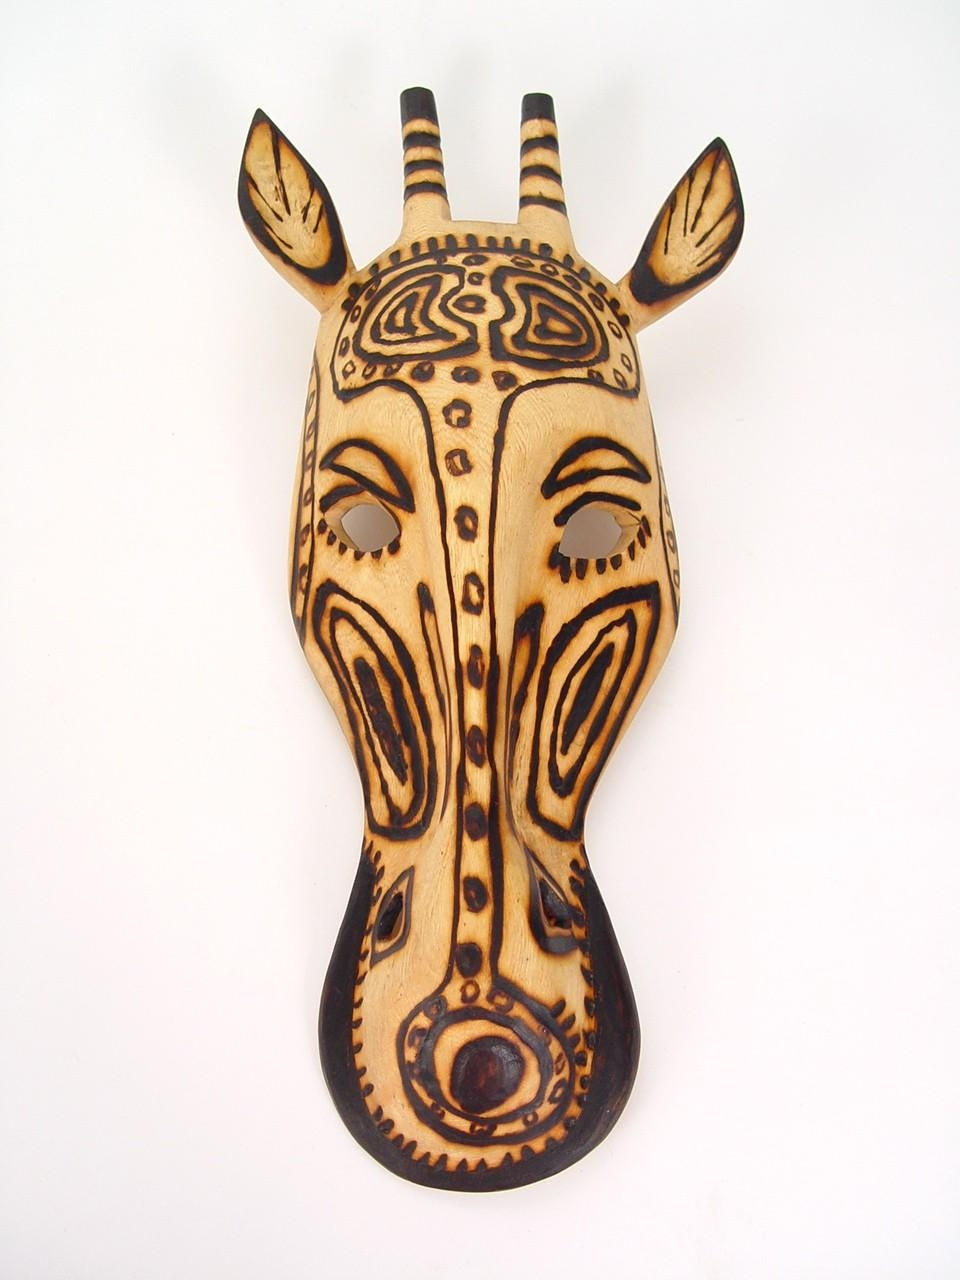 Handmade Wall Masks  Metal Wall Art   Wooden Giraffe Mask Pertaining To African Metal Wall Art (Image 12 of 20)